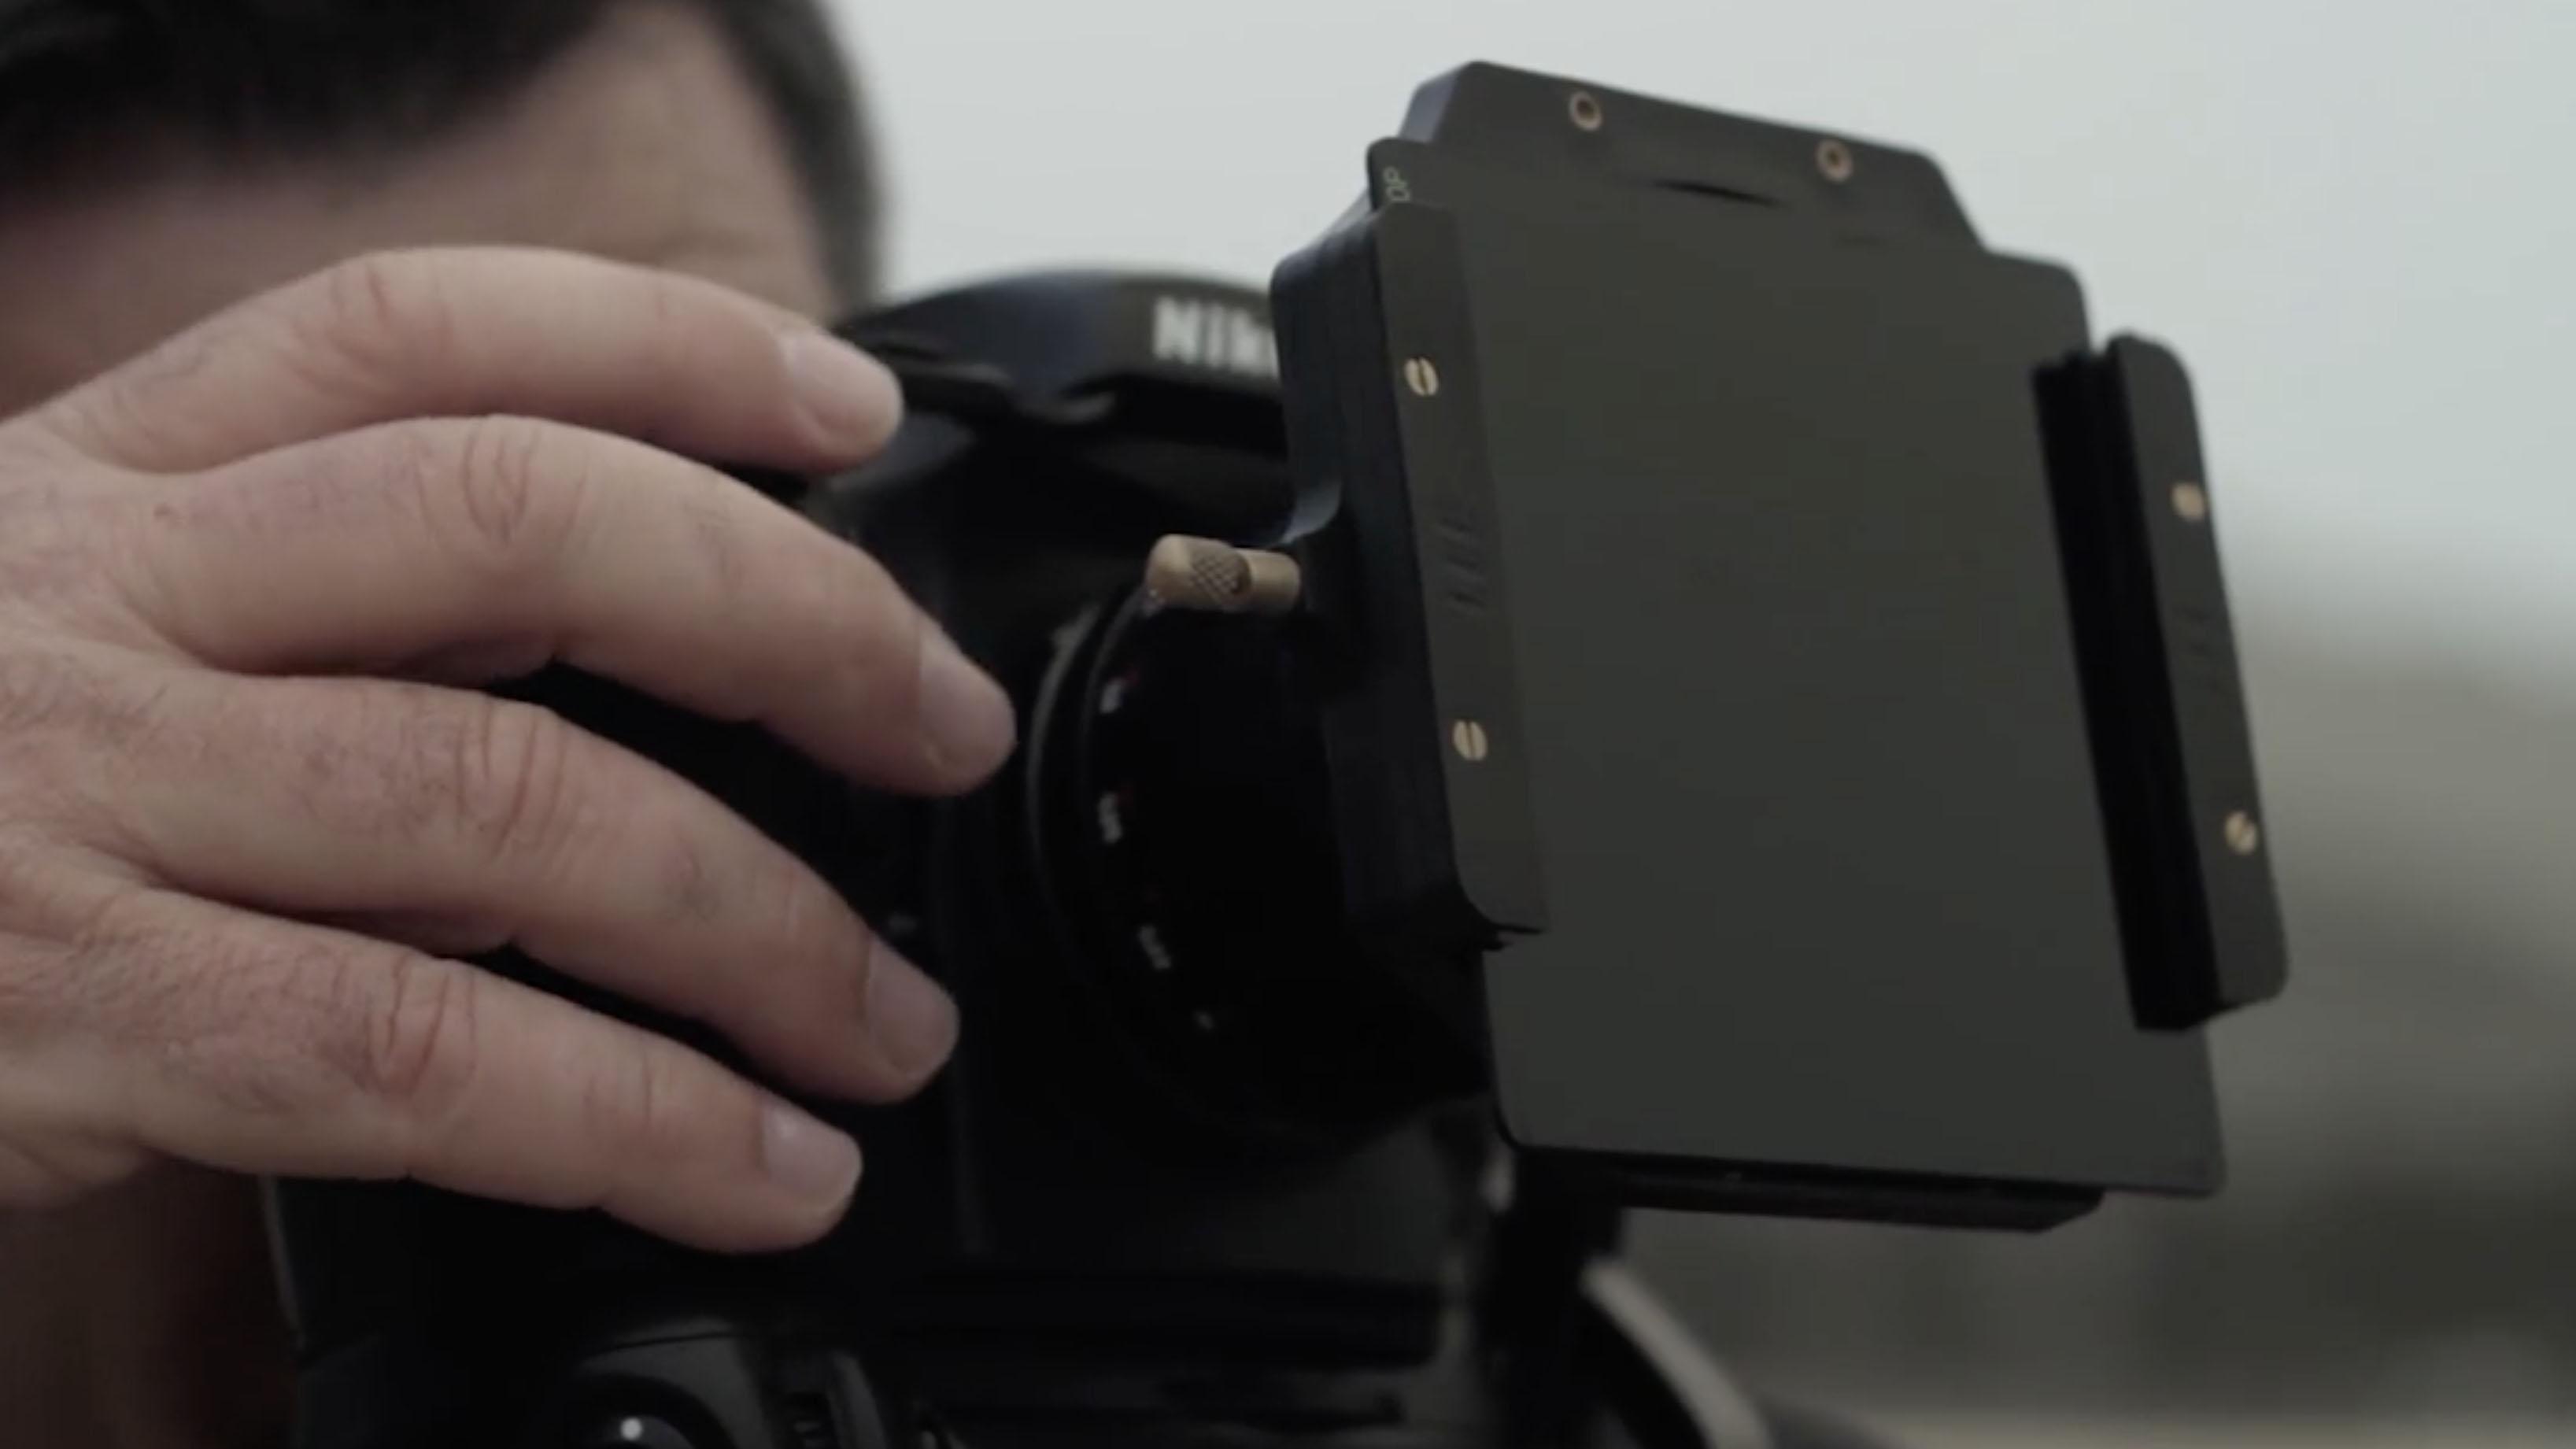 ND8 ND Neutral Density Motion Blur Shutter Speed Filter for Sony 35mm F1.4 G Prime Lens